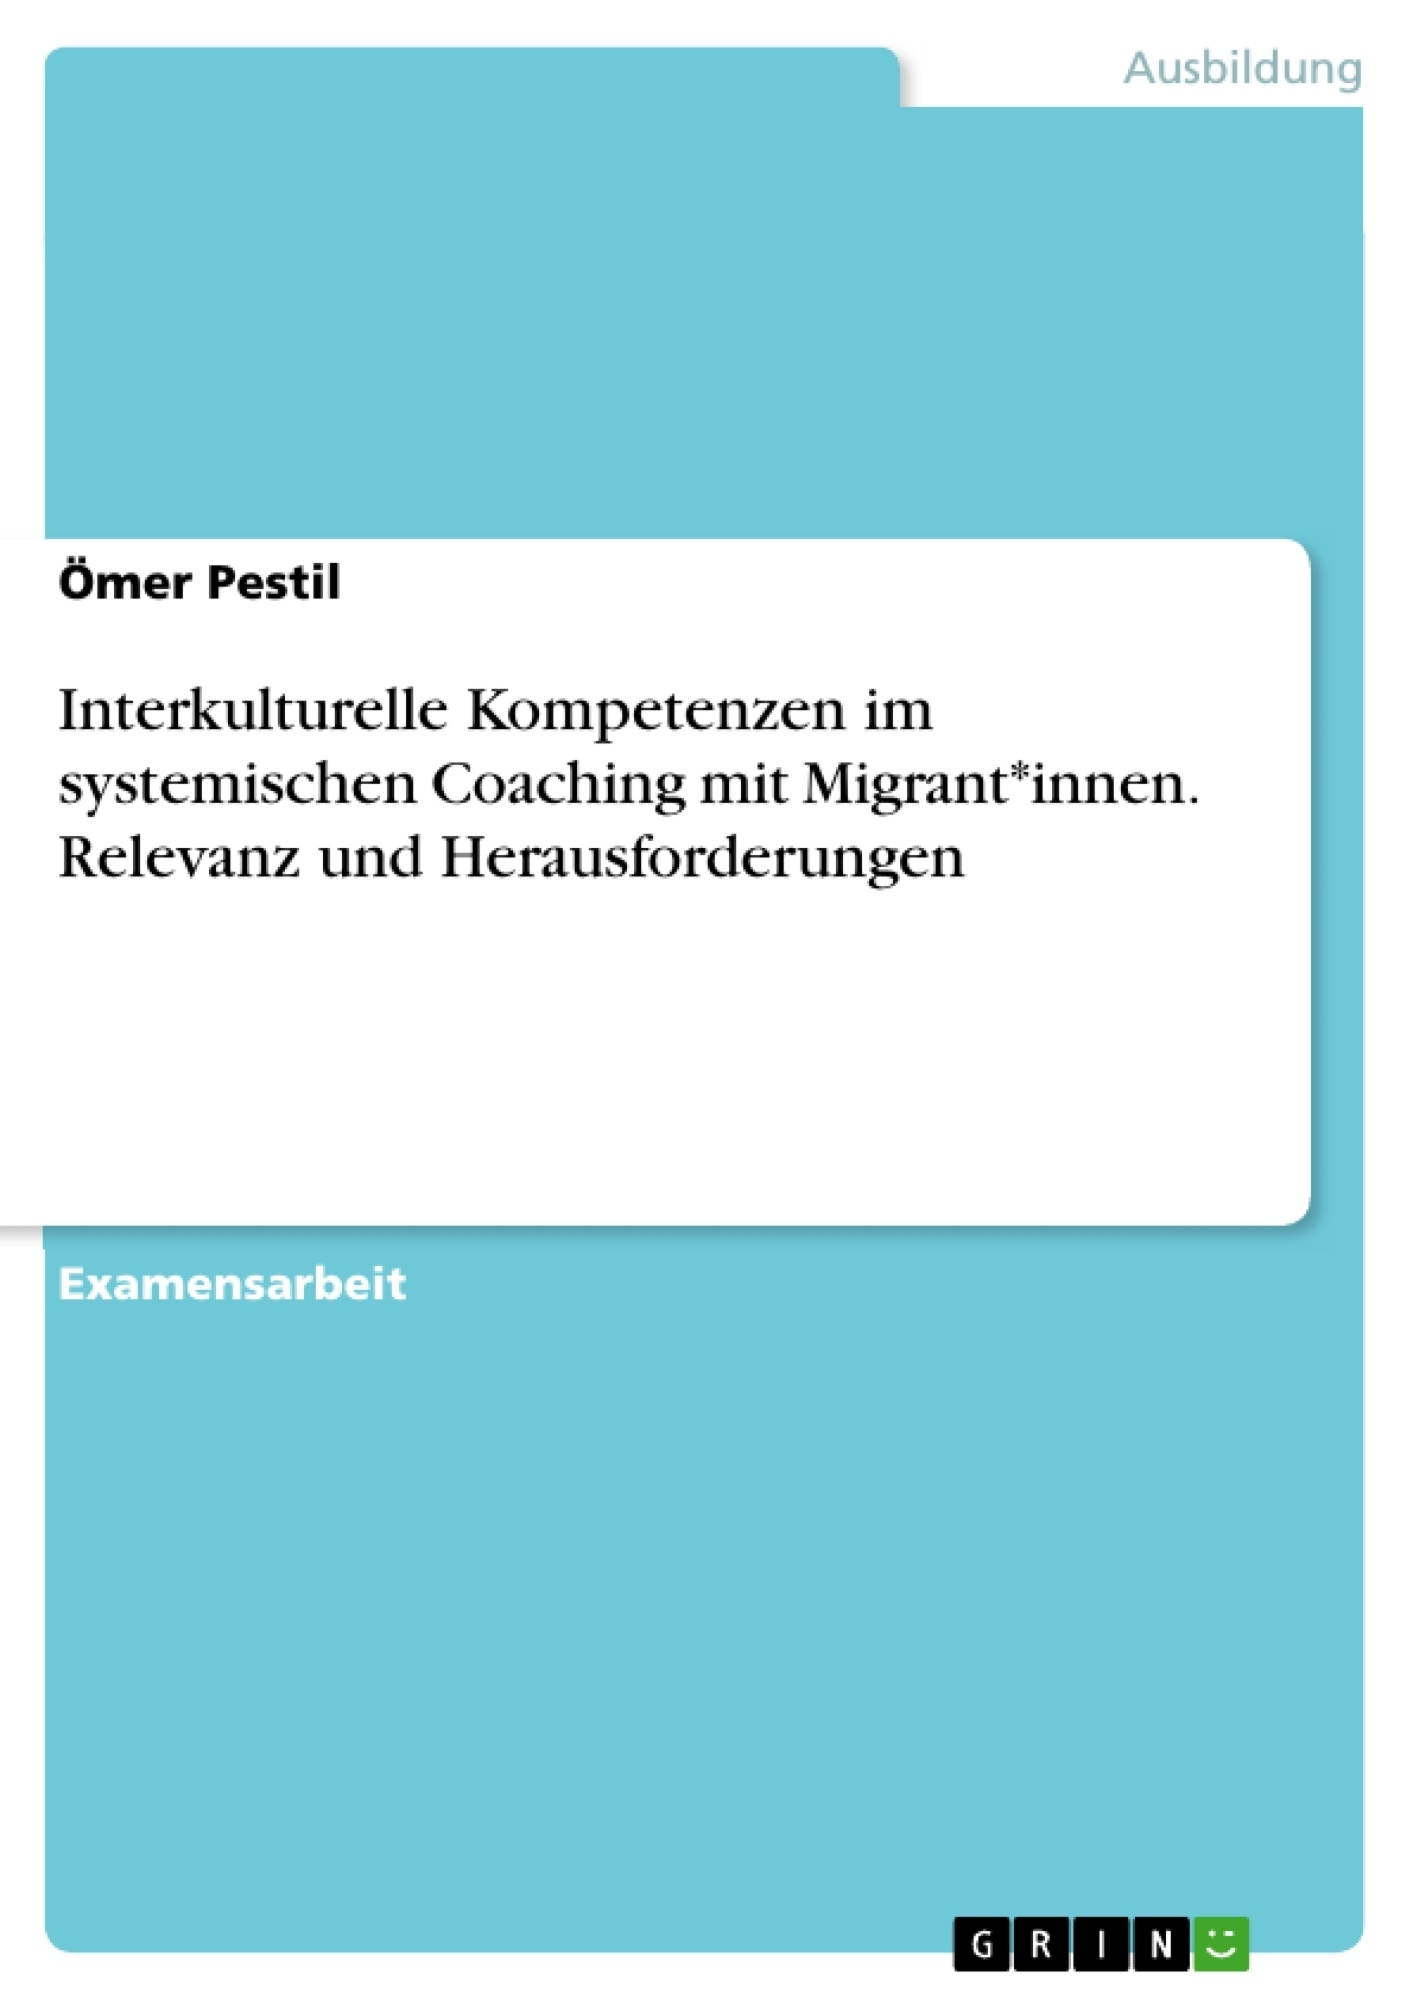 Titel: Interkulturelle Kompetenzen im systemischen Coaching mit Migrant*innen. Relevanz und Herausforderungen